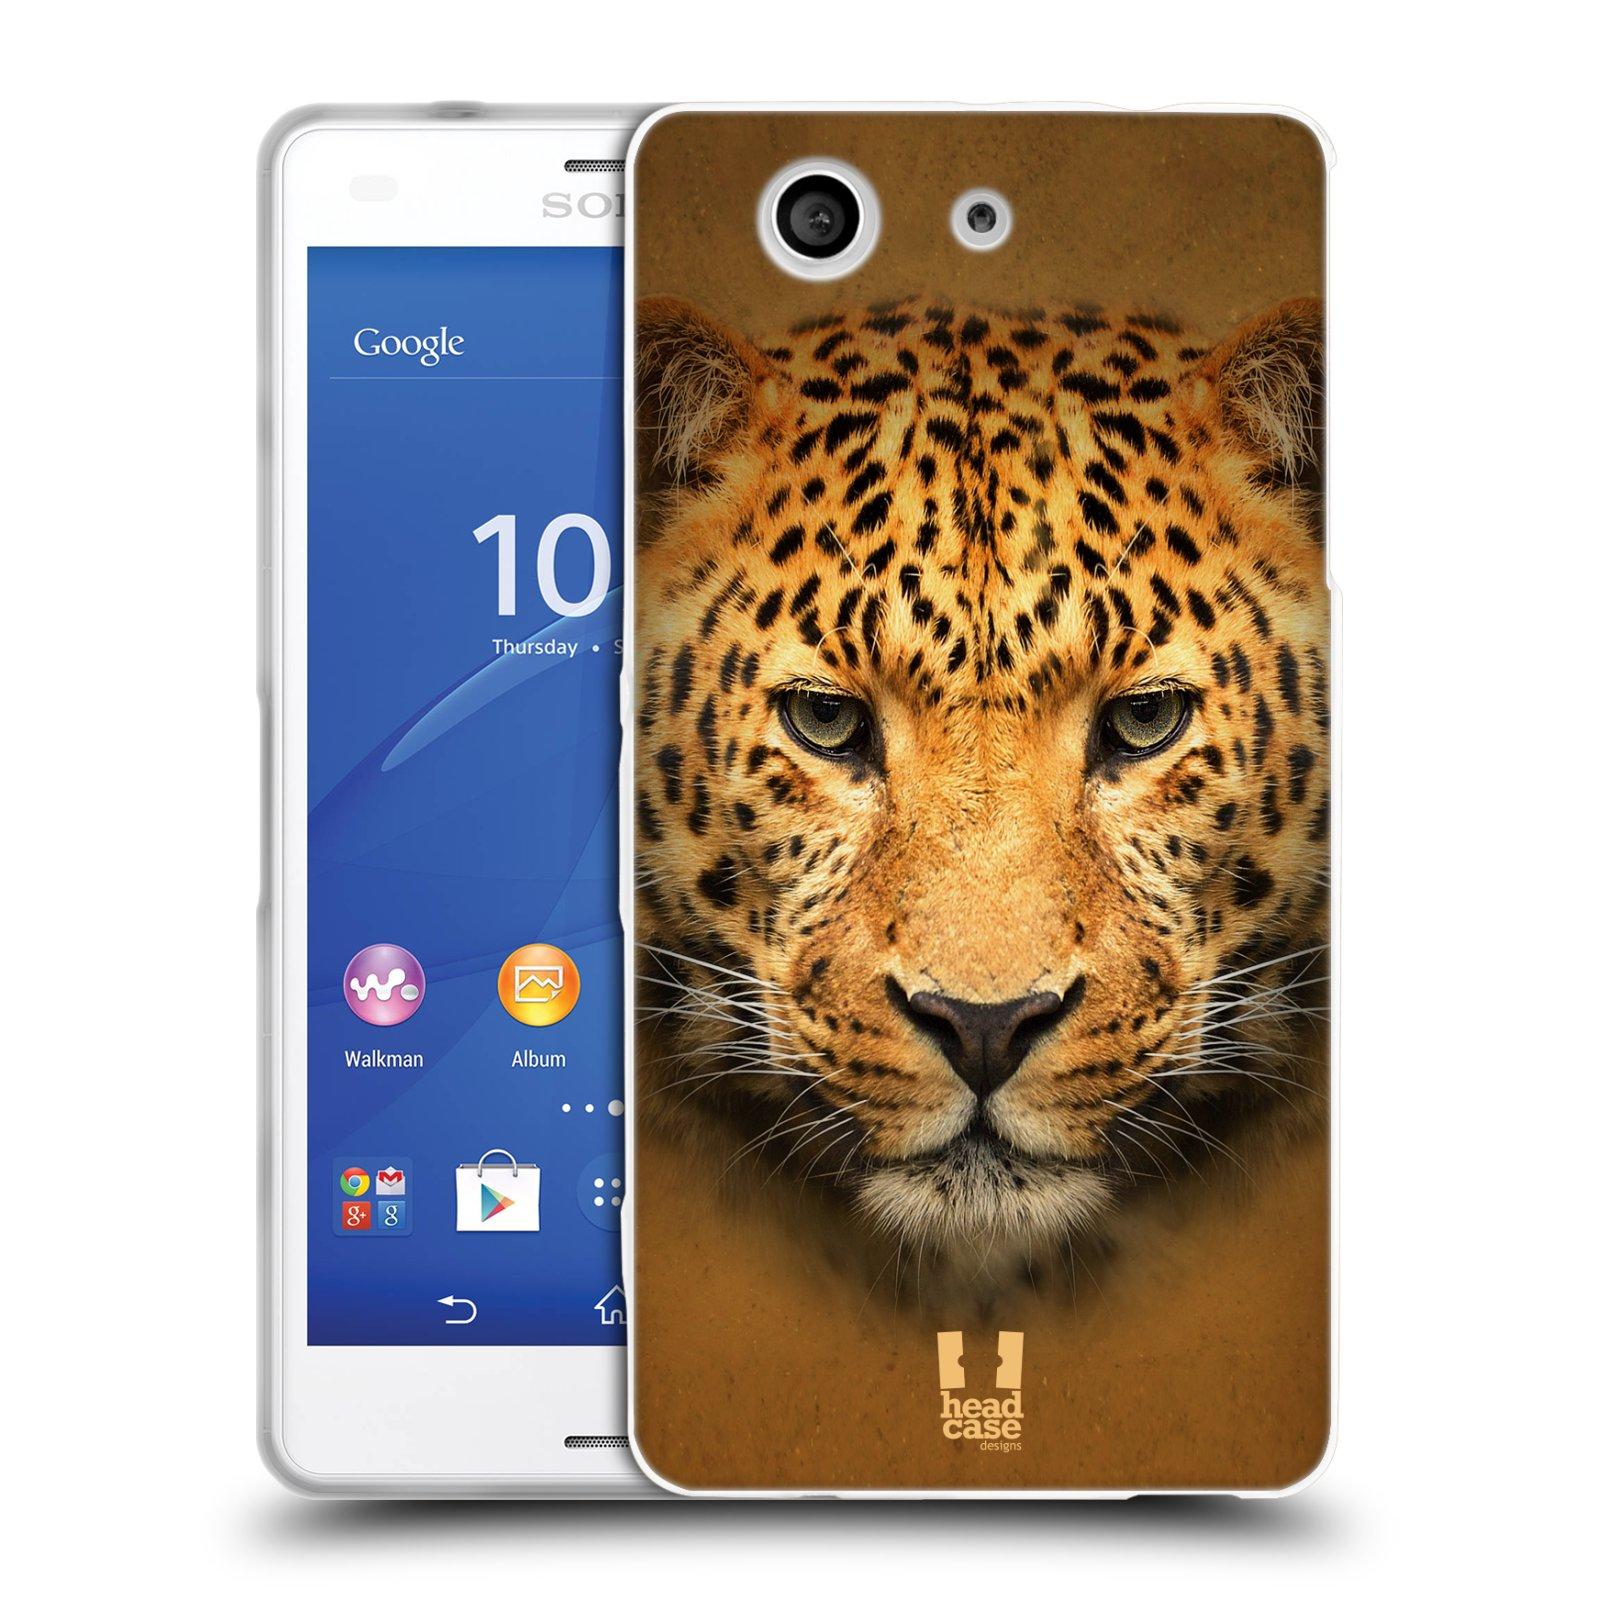 HEAD CASE silikonový obal na mobil Sony Xperia Z3 COMPACT (D5803) vzor Zvířecí tváře 2 leopard